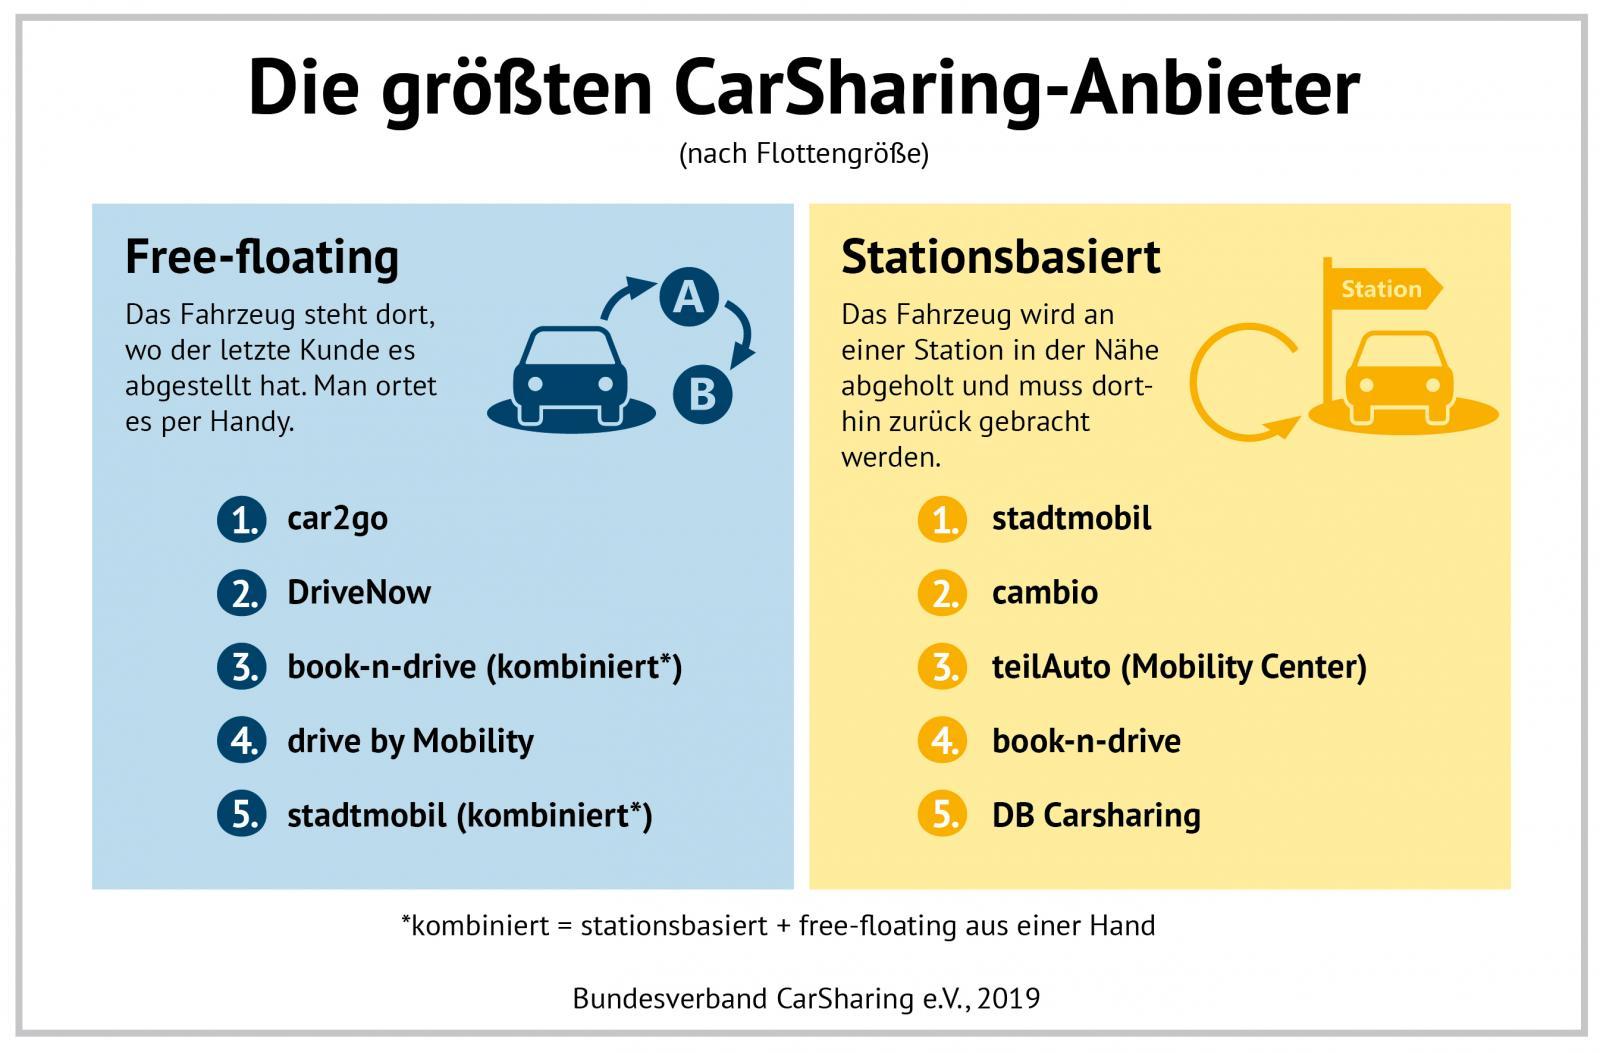 CarSharing-Anbieter nach Flottengröße (Grafik:bcs)